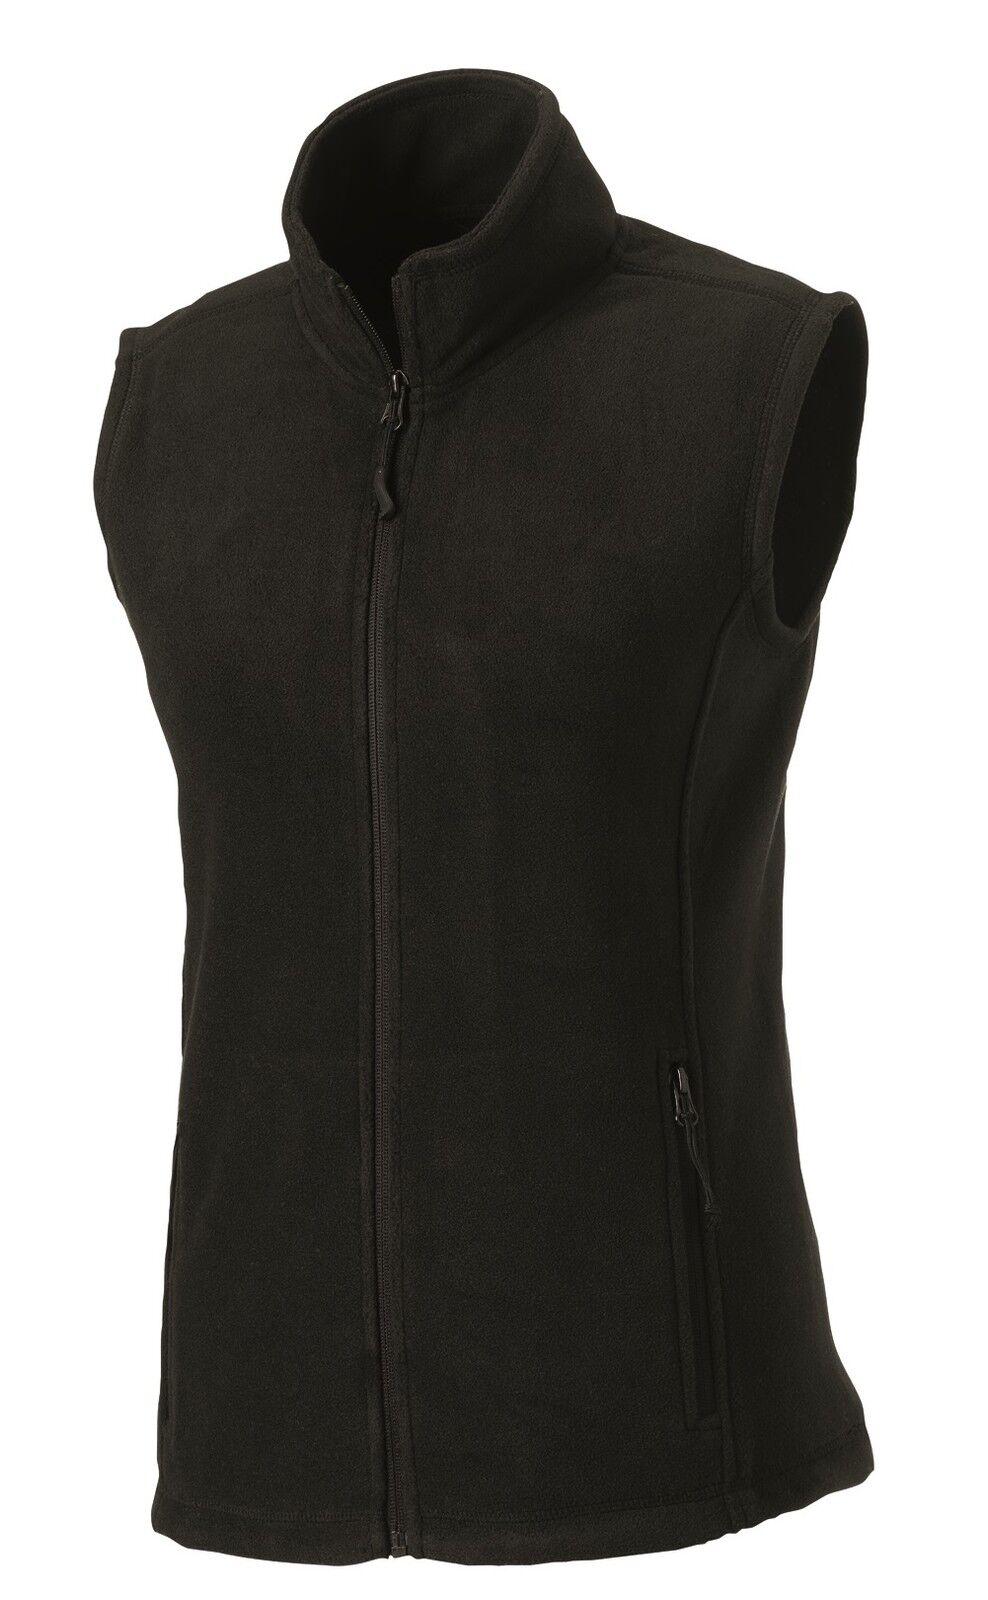 Russell Ladies Womens NAVY DARK or ROYAL MID BLUE Fleece Gilet Bodywarmer Vest